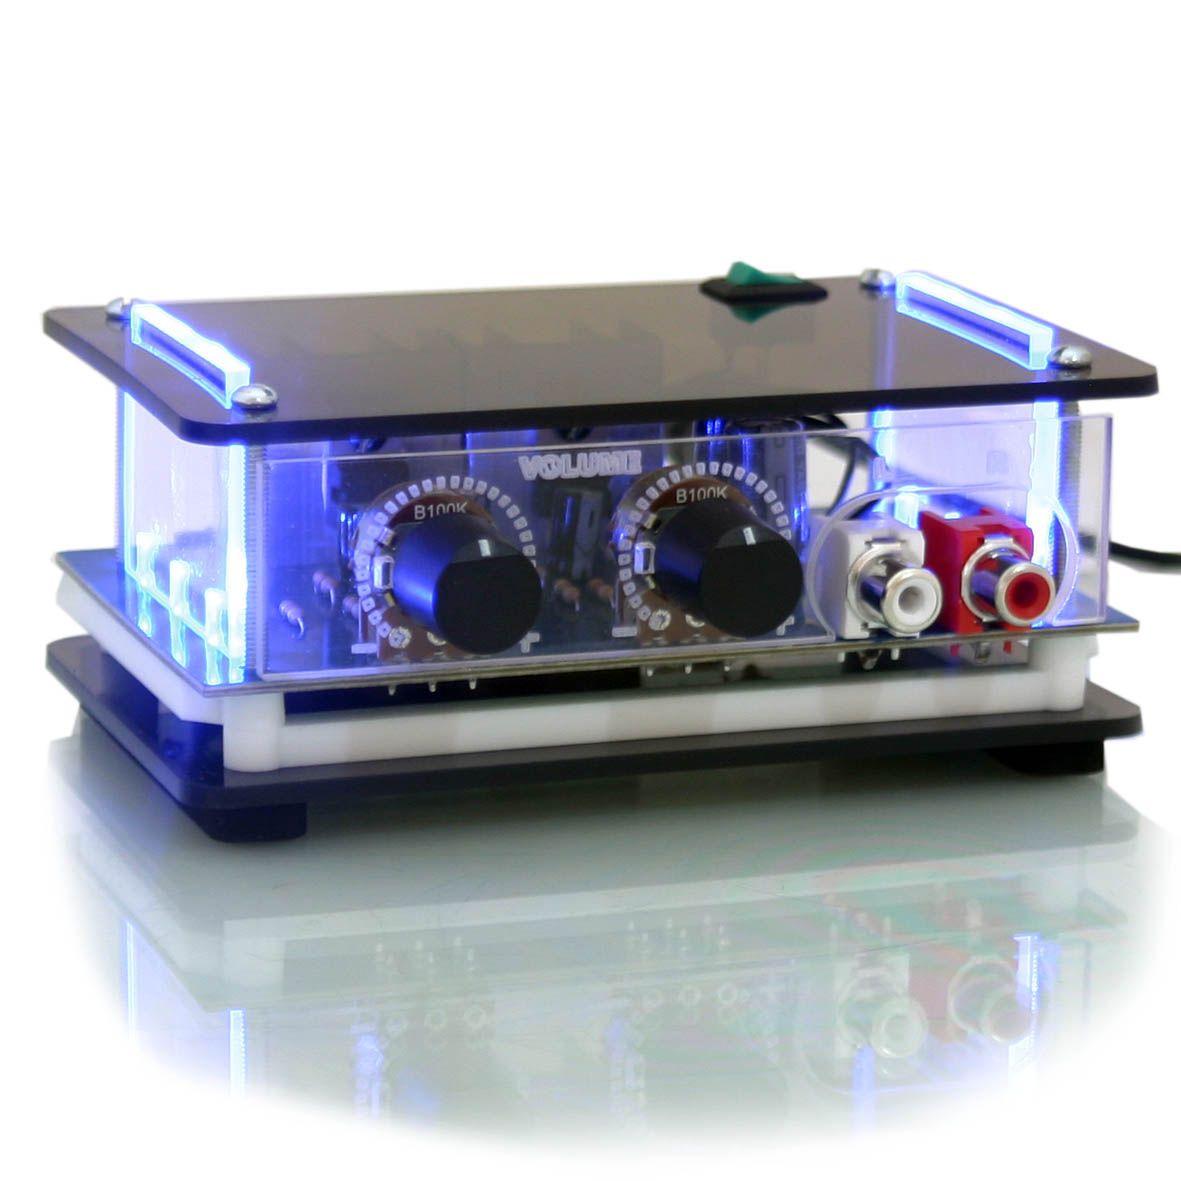 kit som ambiente mini amplificador estéreo e 4 arandelas quadradas de embutir